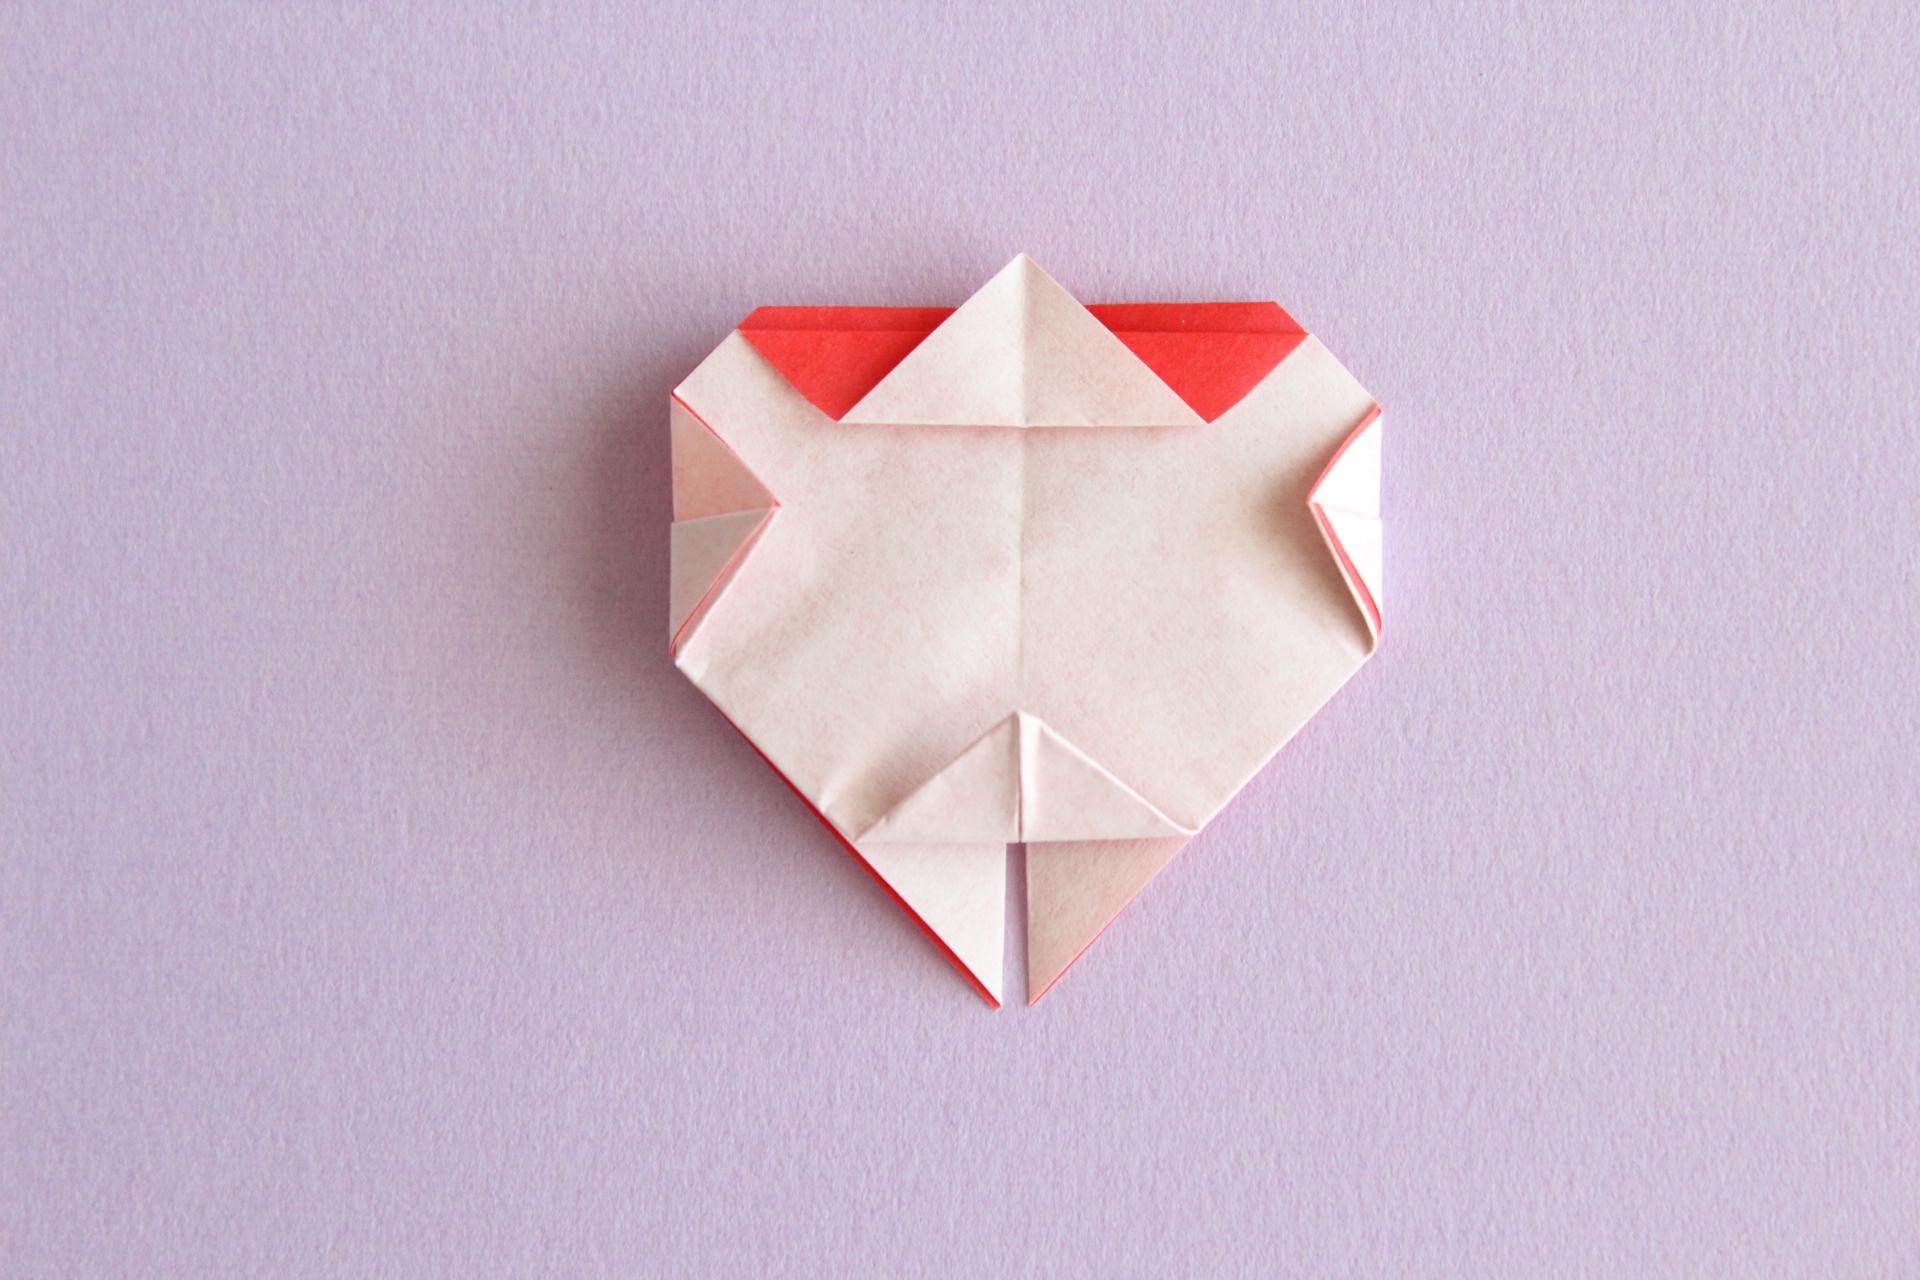 折り方14